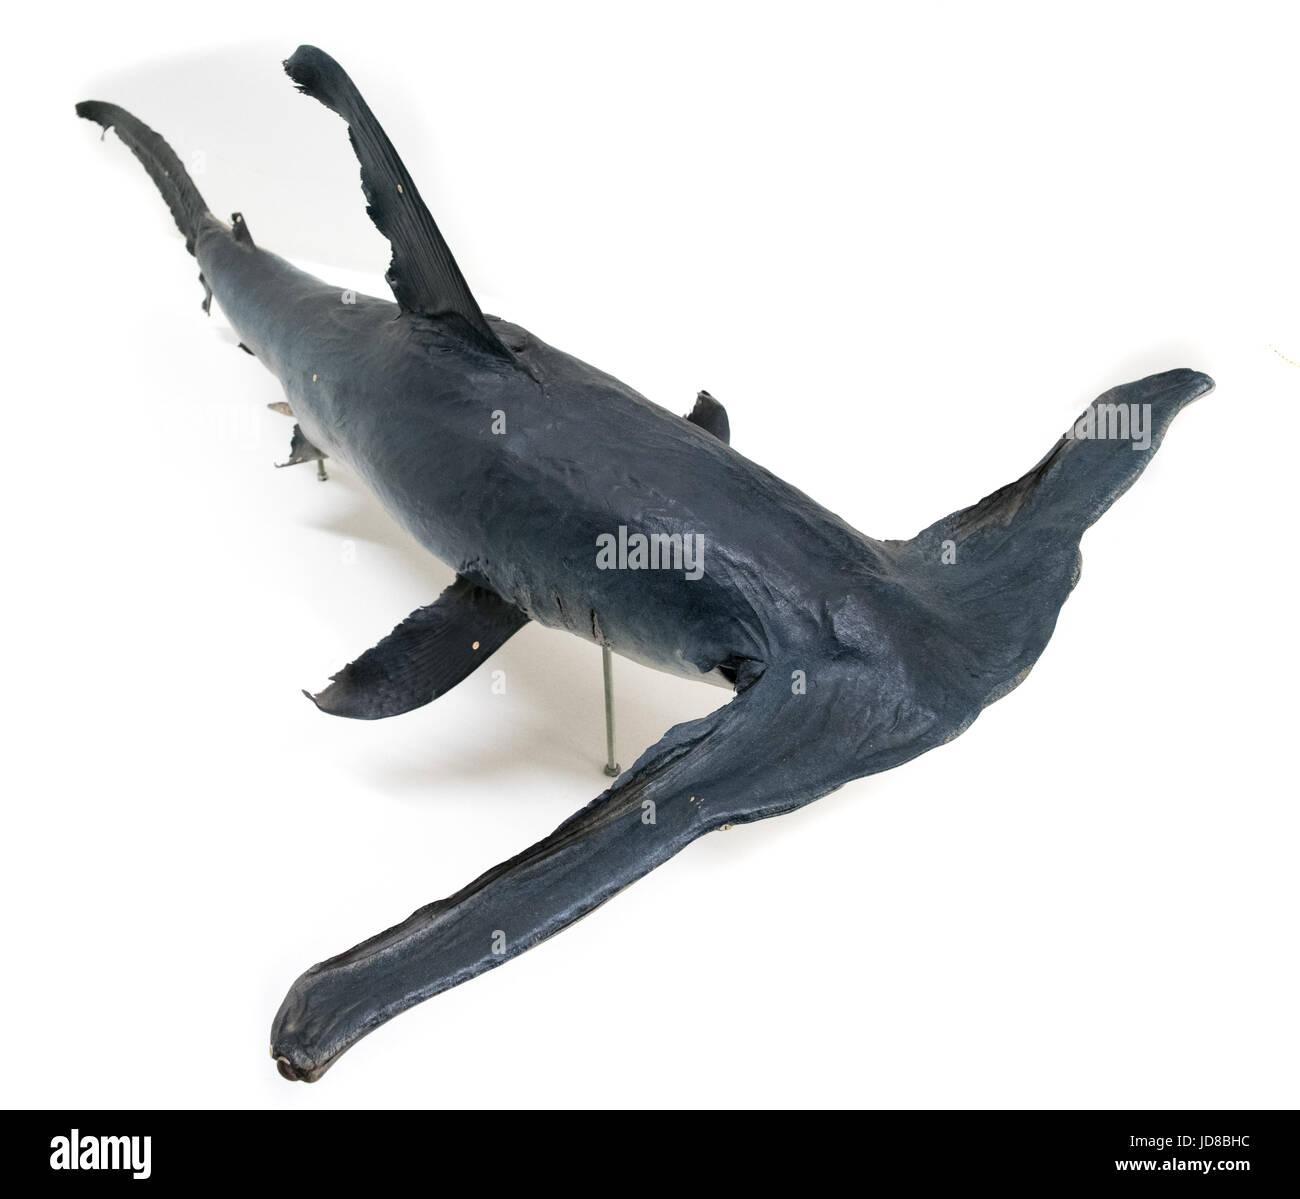 Portrait of a hammerhead shark against a plain white